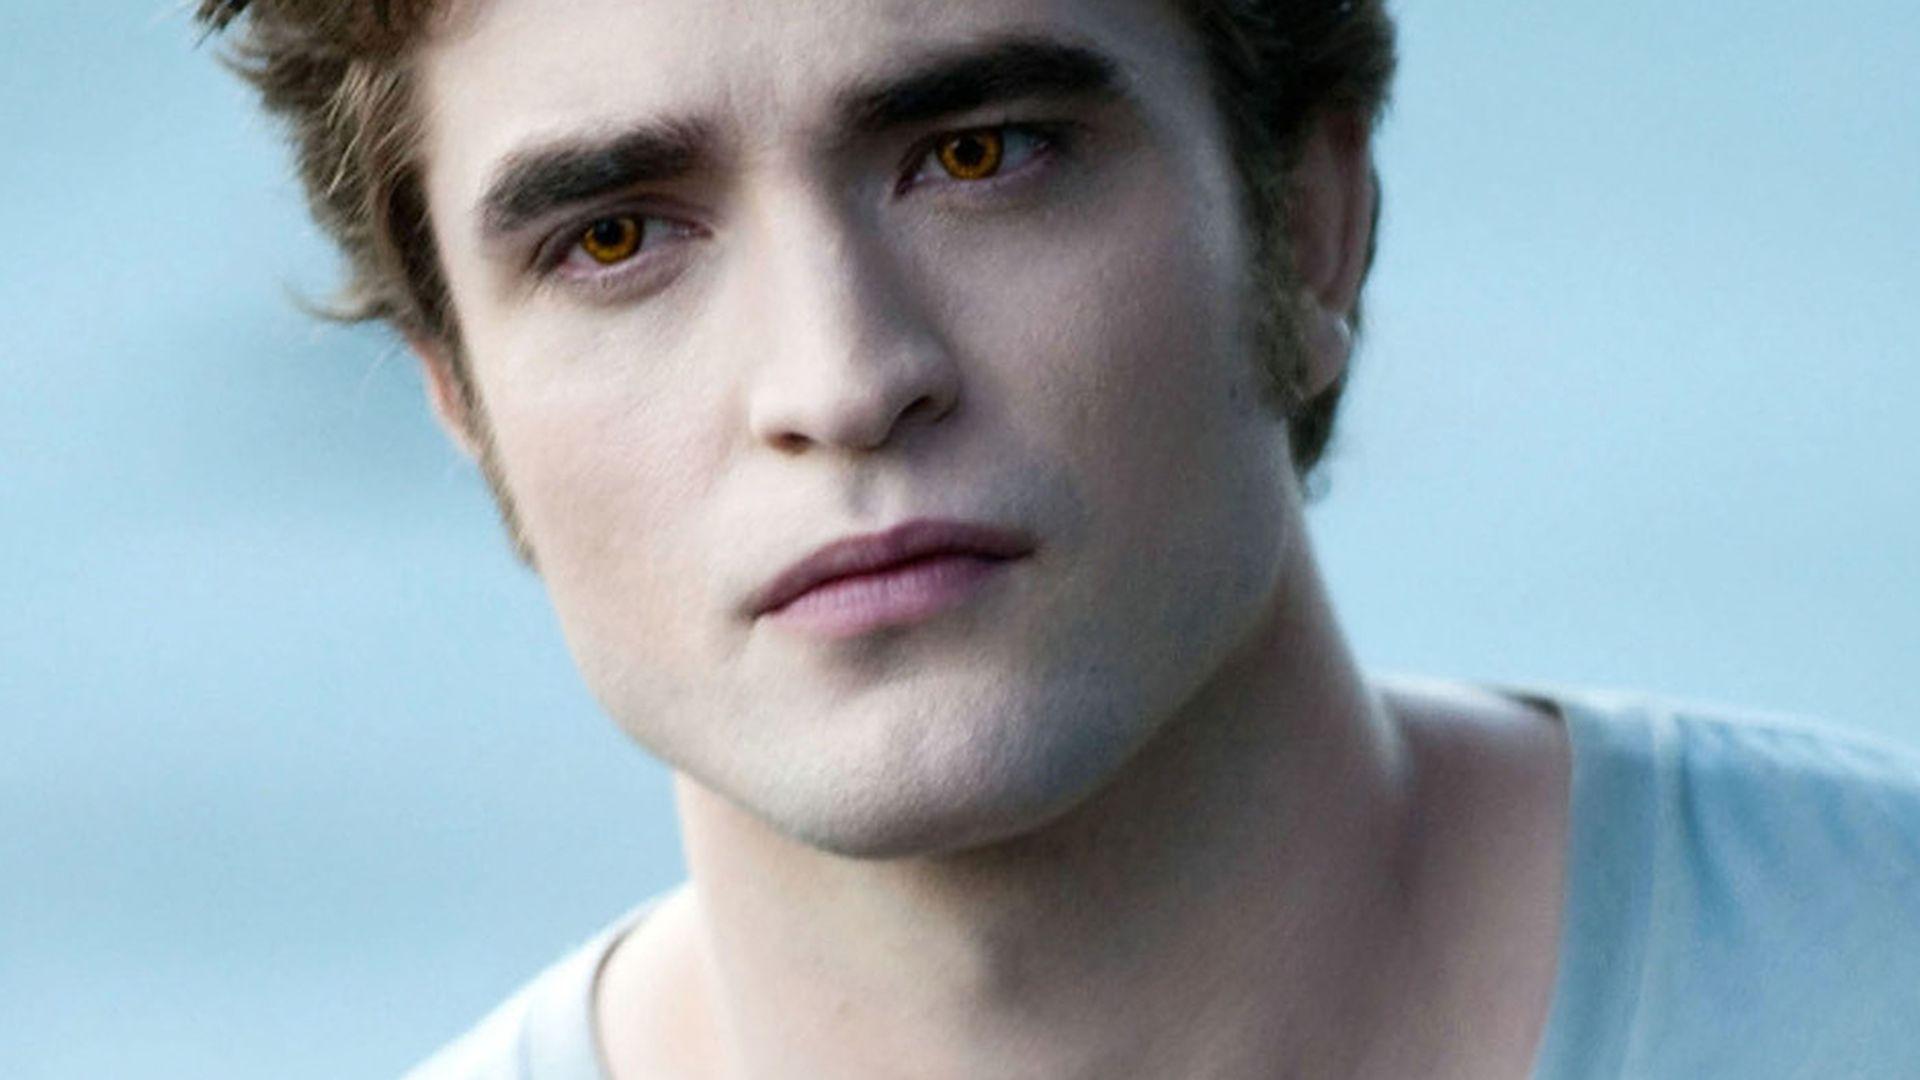 Edward Cullens Kult Frisur Robert wollte sie so